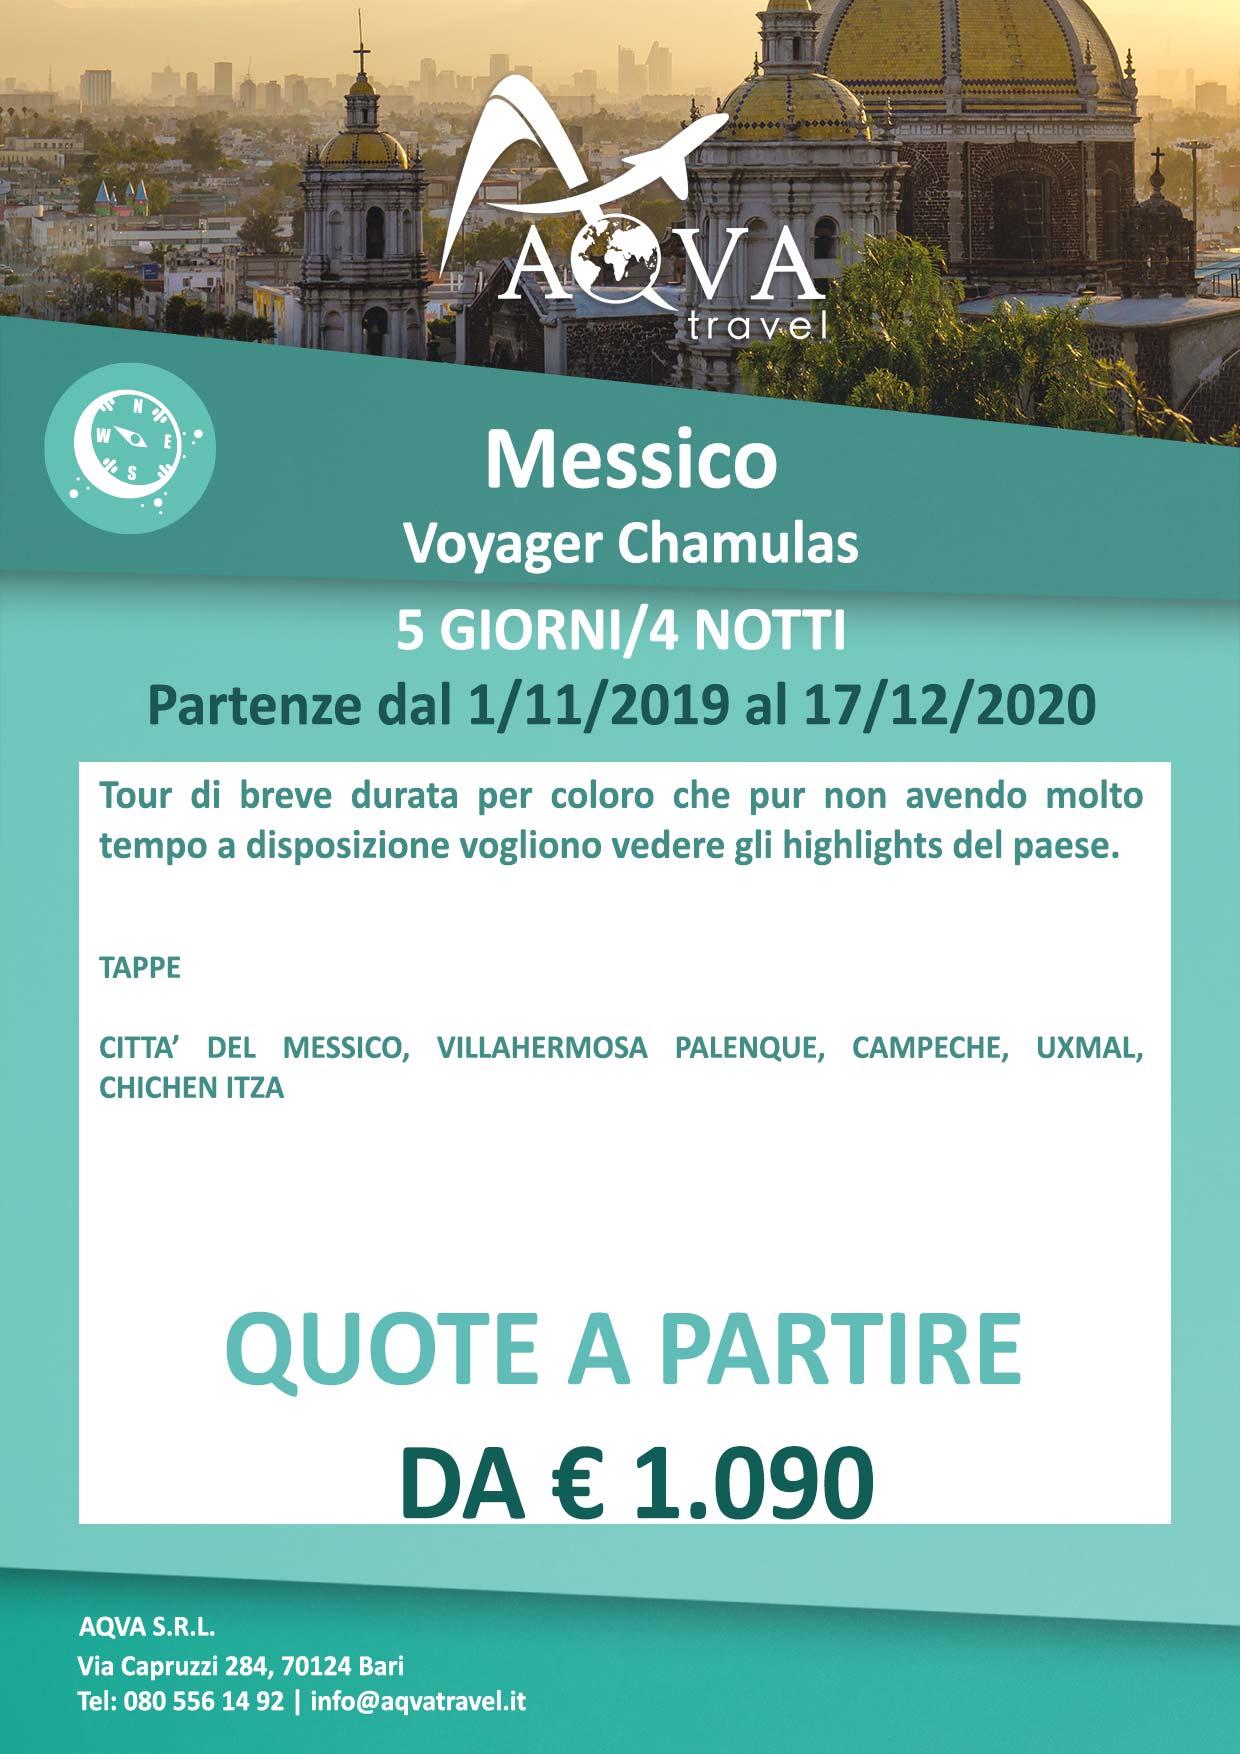 Messico-Avventura-offerte-agenzia-di-viaggi-Bari-AQVATRAVEL-it